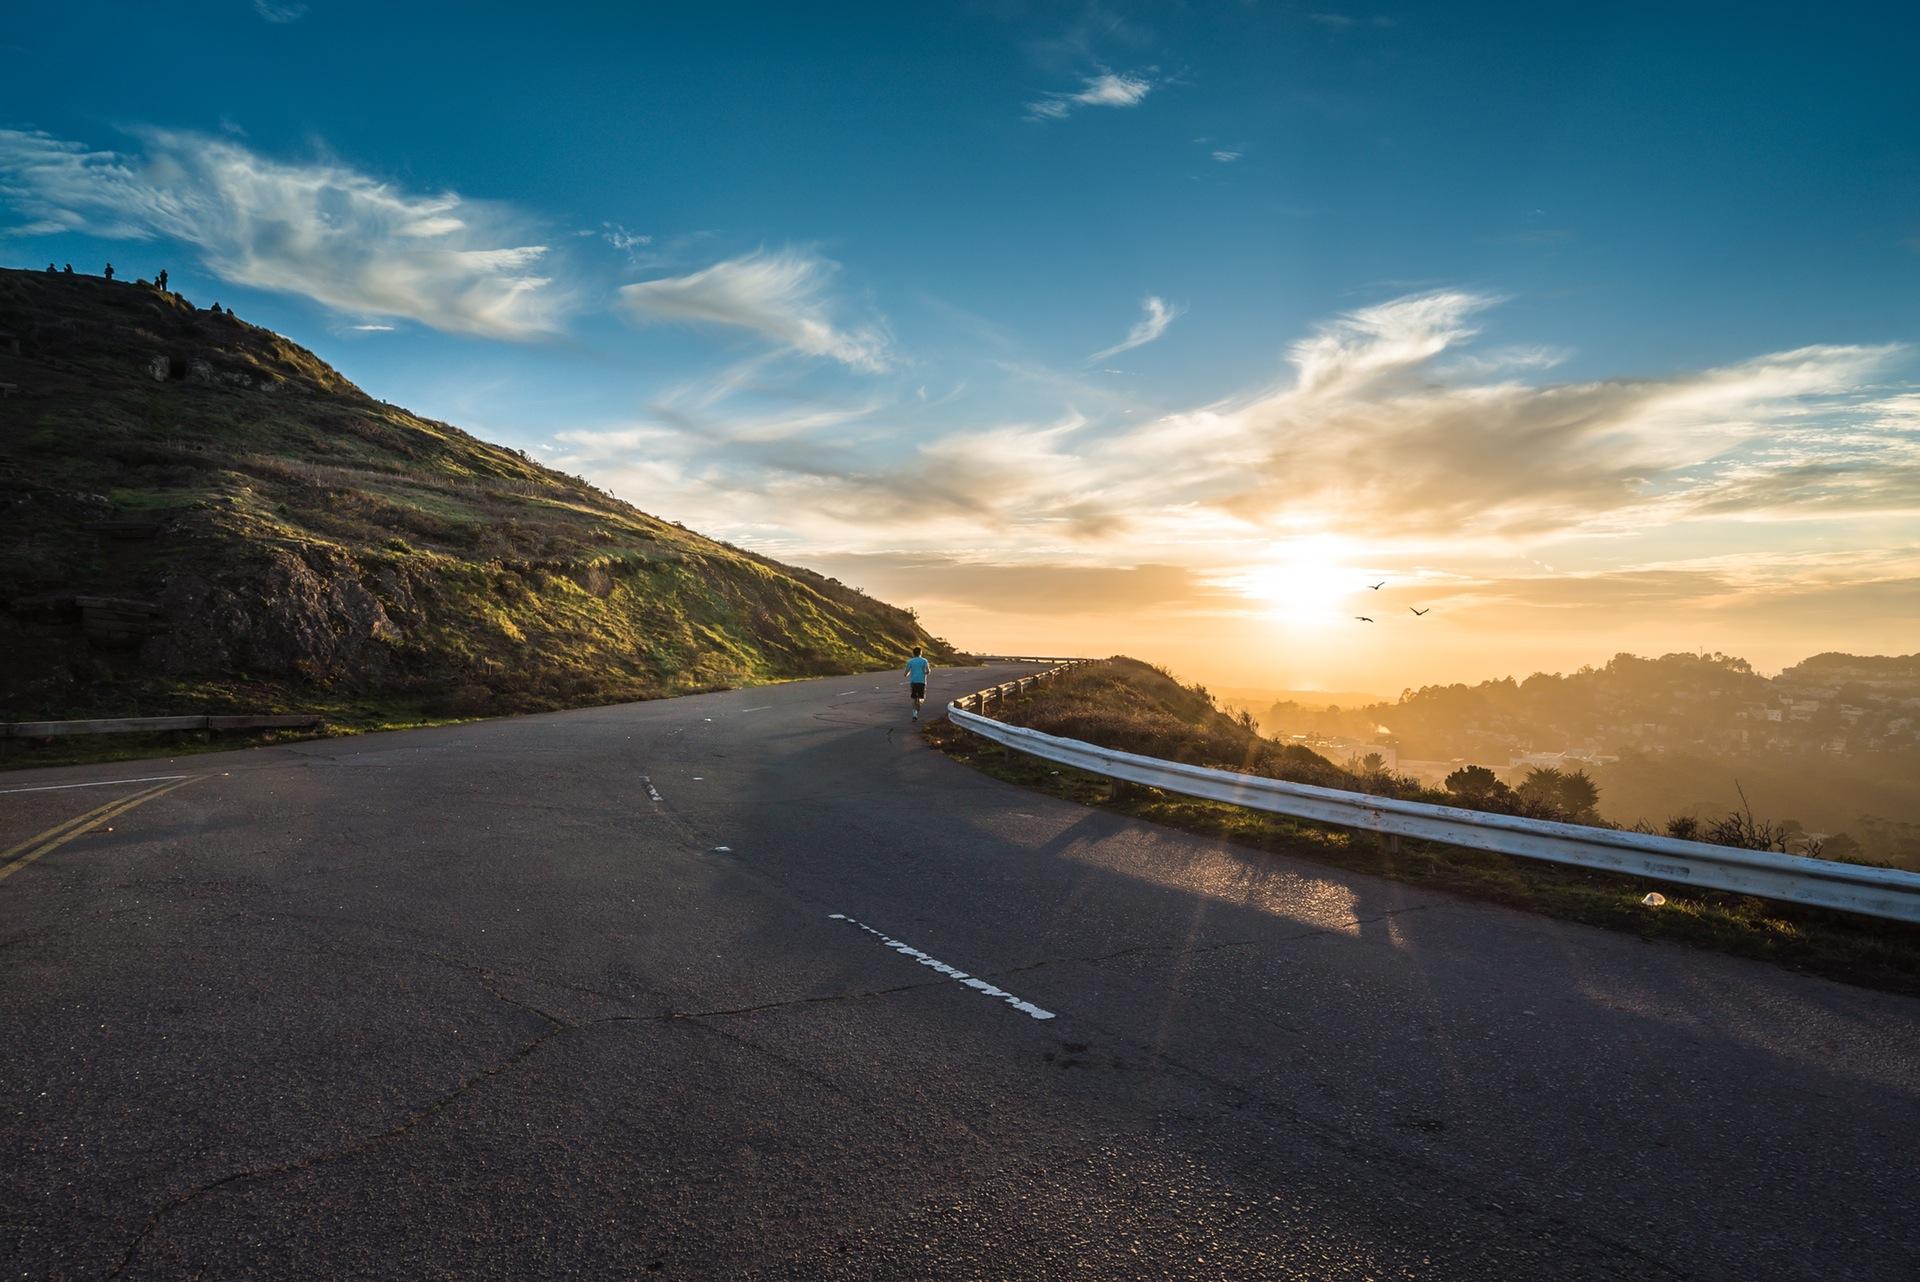 सड़क, डॉन द्वारा, हॉल, पहाड़ों, आकाश, बादल, घटता, चल रहा, धावक - HD वॉलपेपर - प्रोफेसर-falken.com